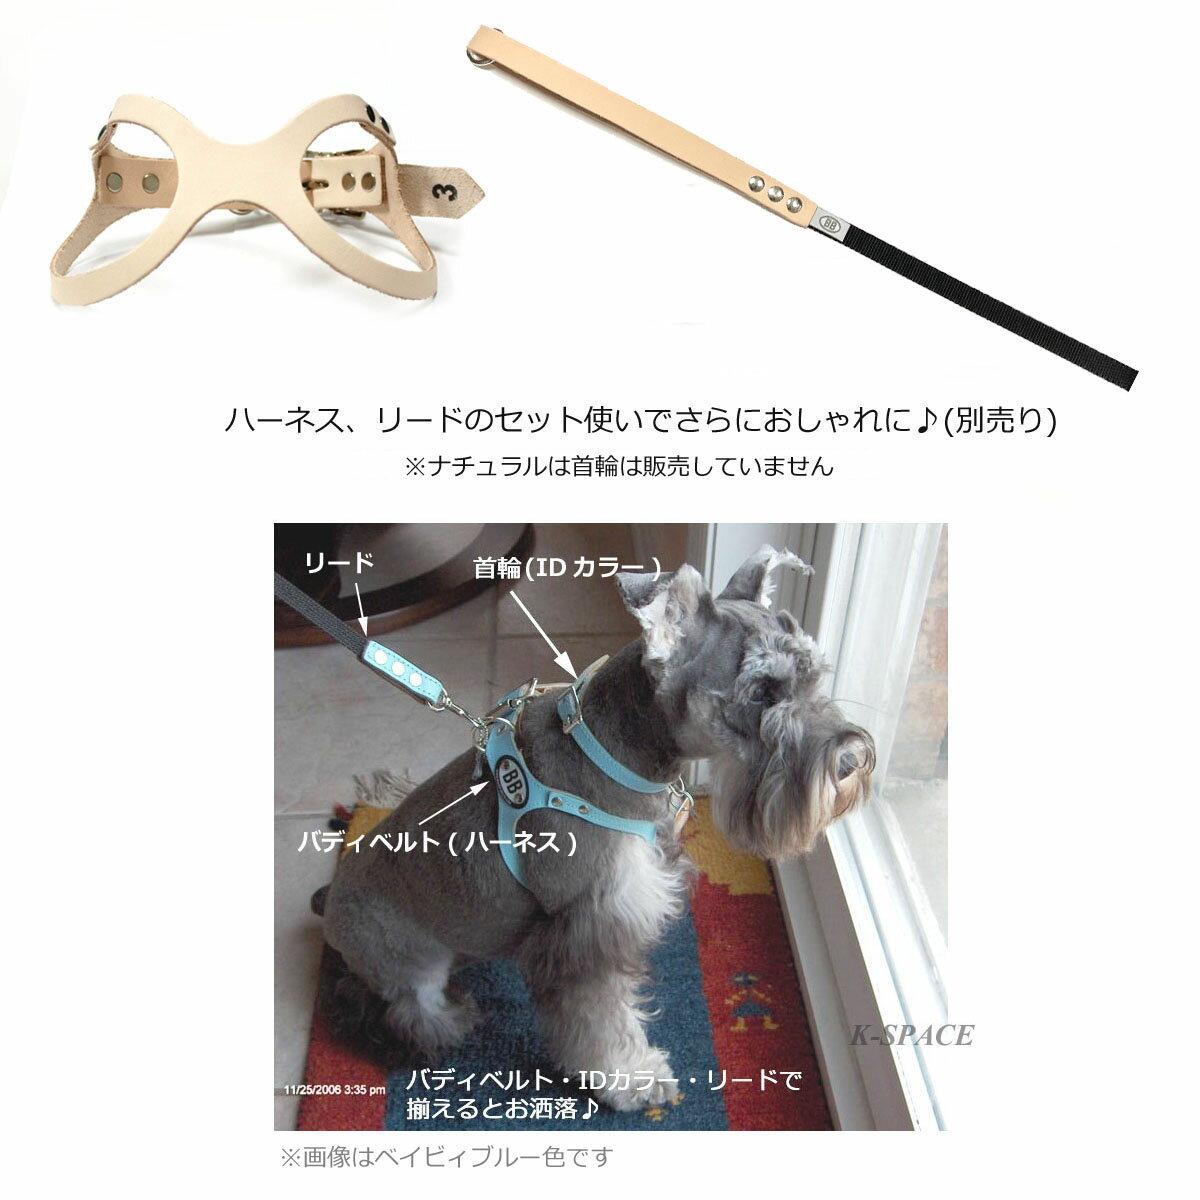 胴輪 ハーネス バディベルト 2.5号 natural ナチュラル BUDDY BELT BUDDYBELT ペット 犬 レザー 本革 犬 犬用 ドッグ